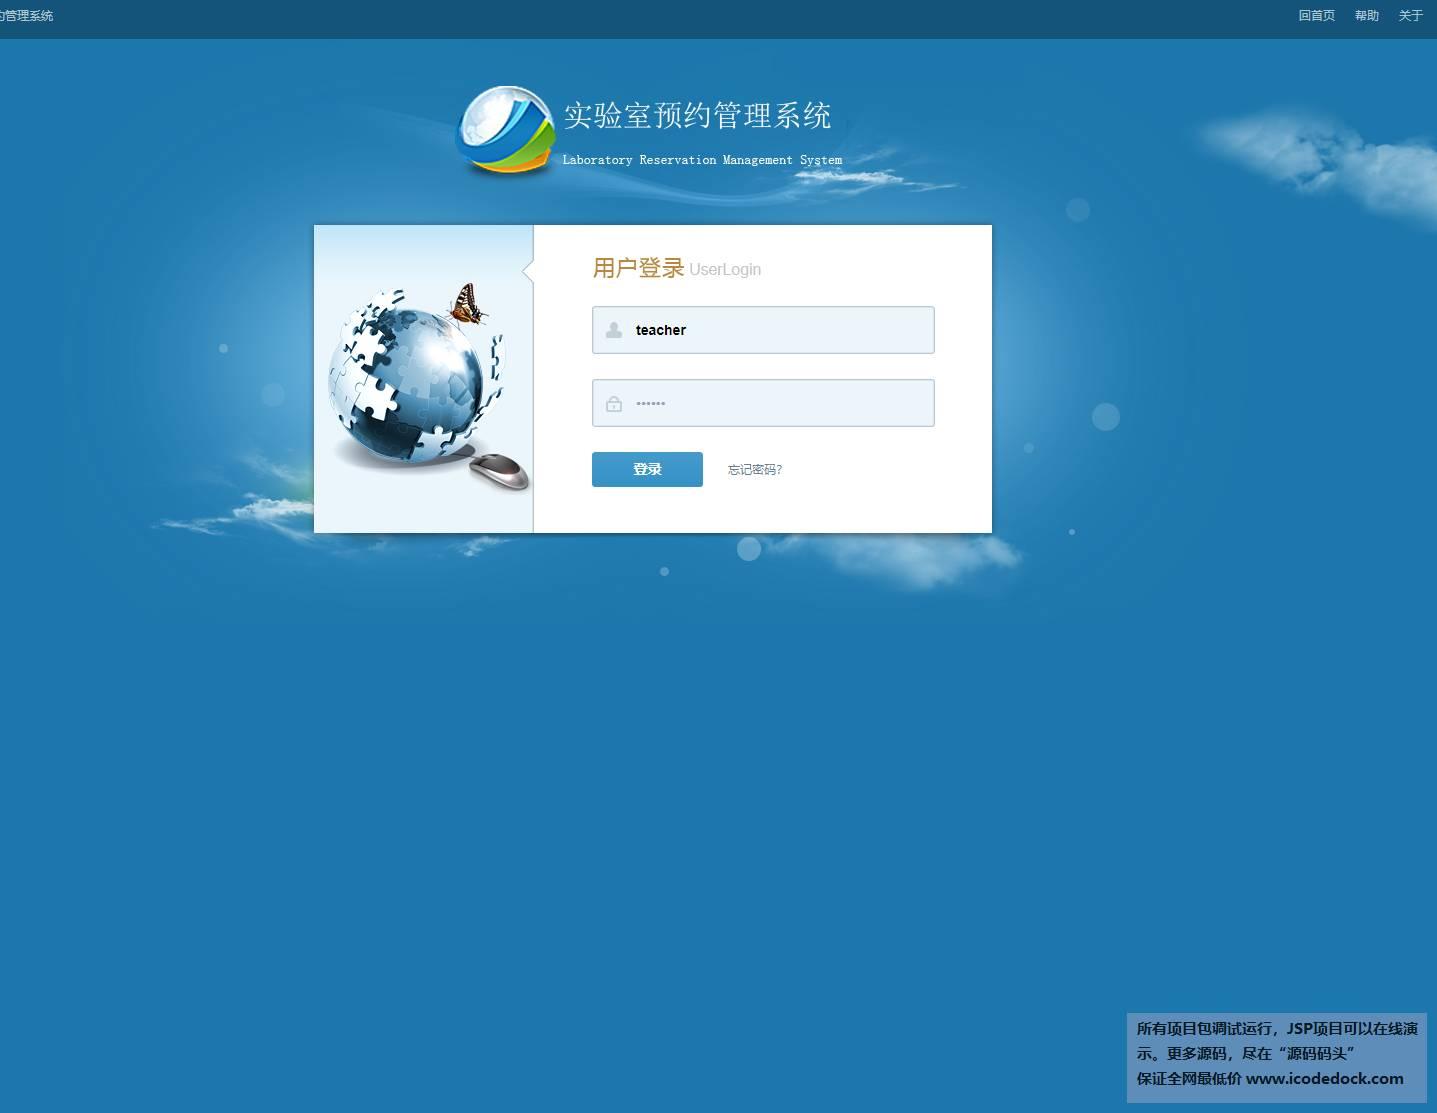 源码码头-SSH实验室预约管理系统-登录页面